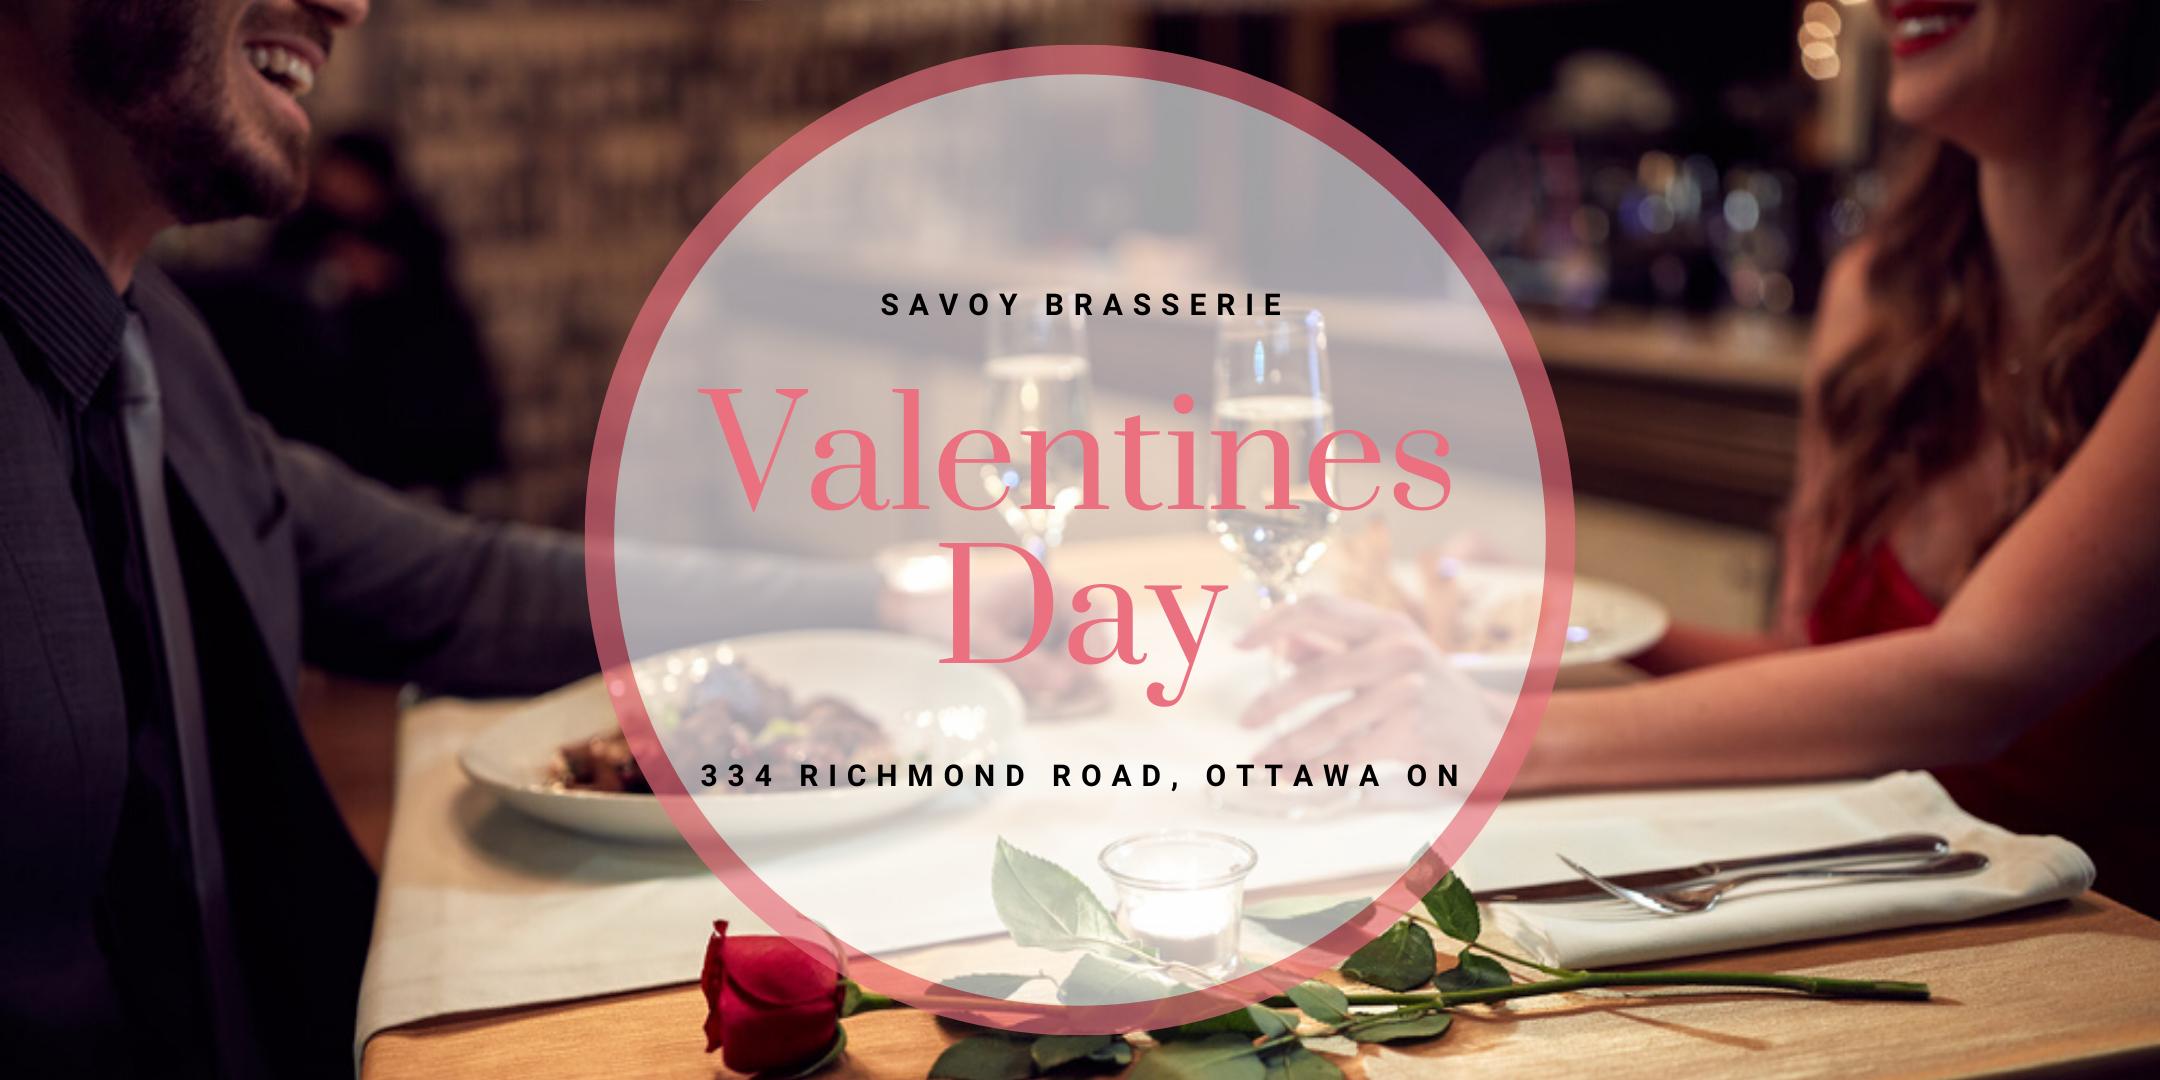 Valentine's Day at Savoy Brasserie